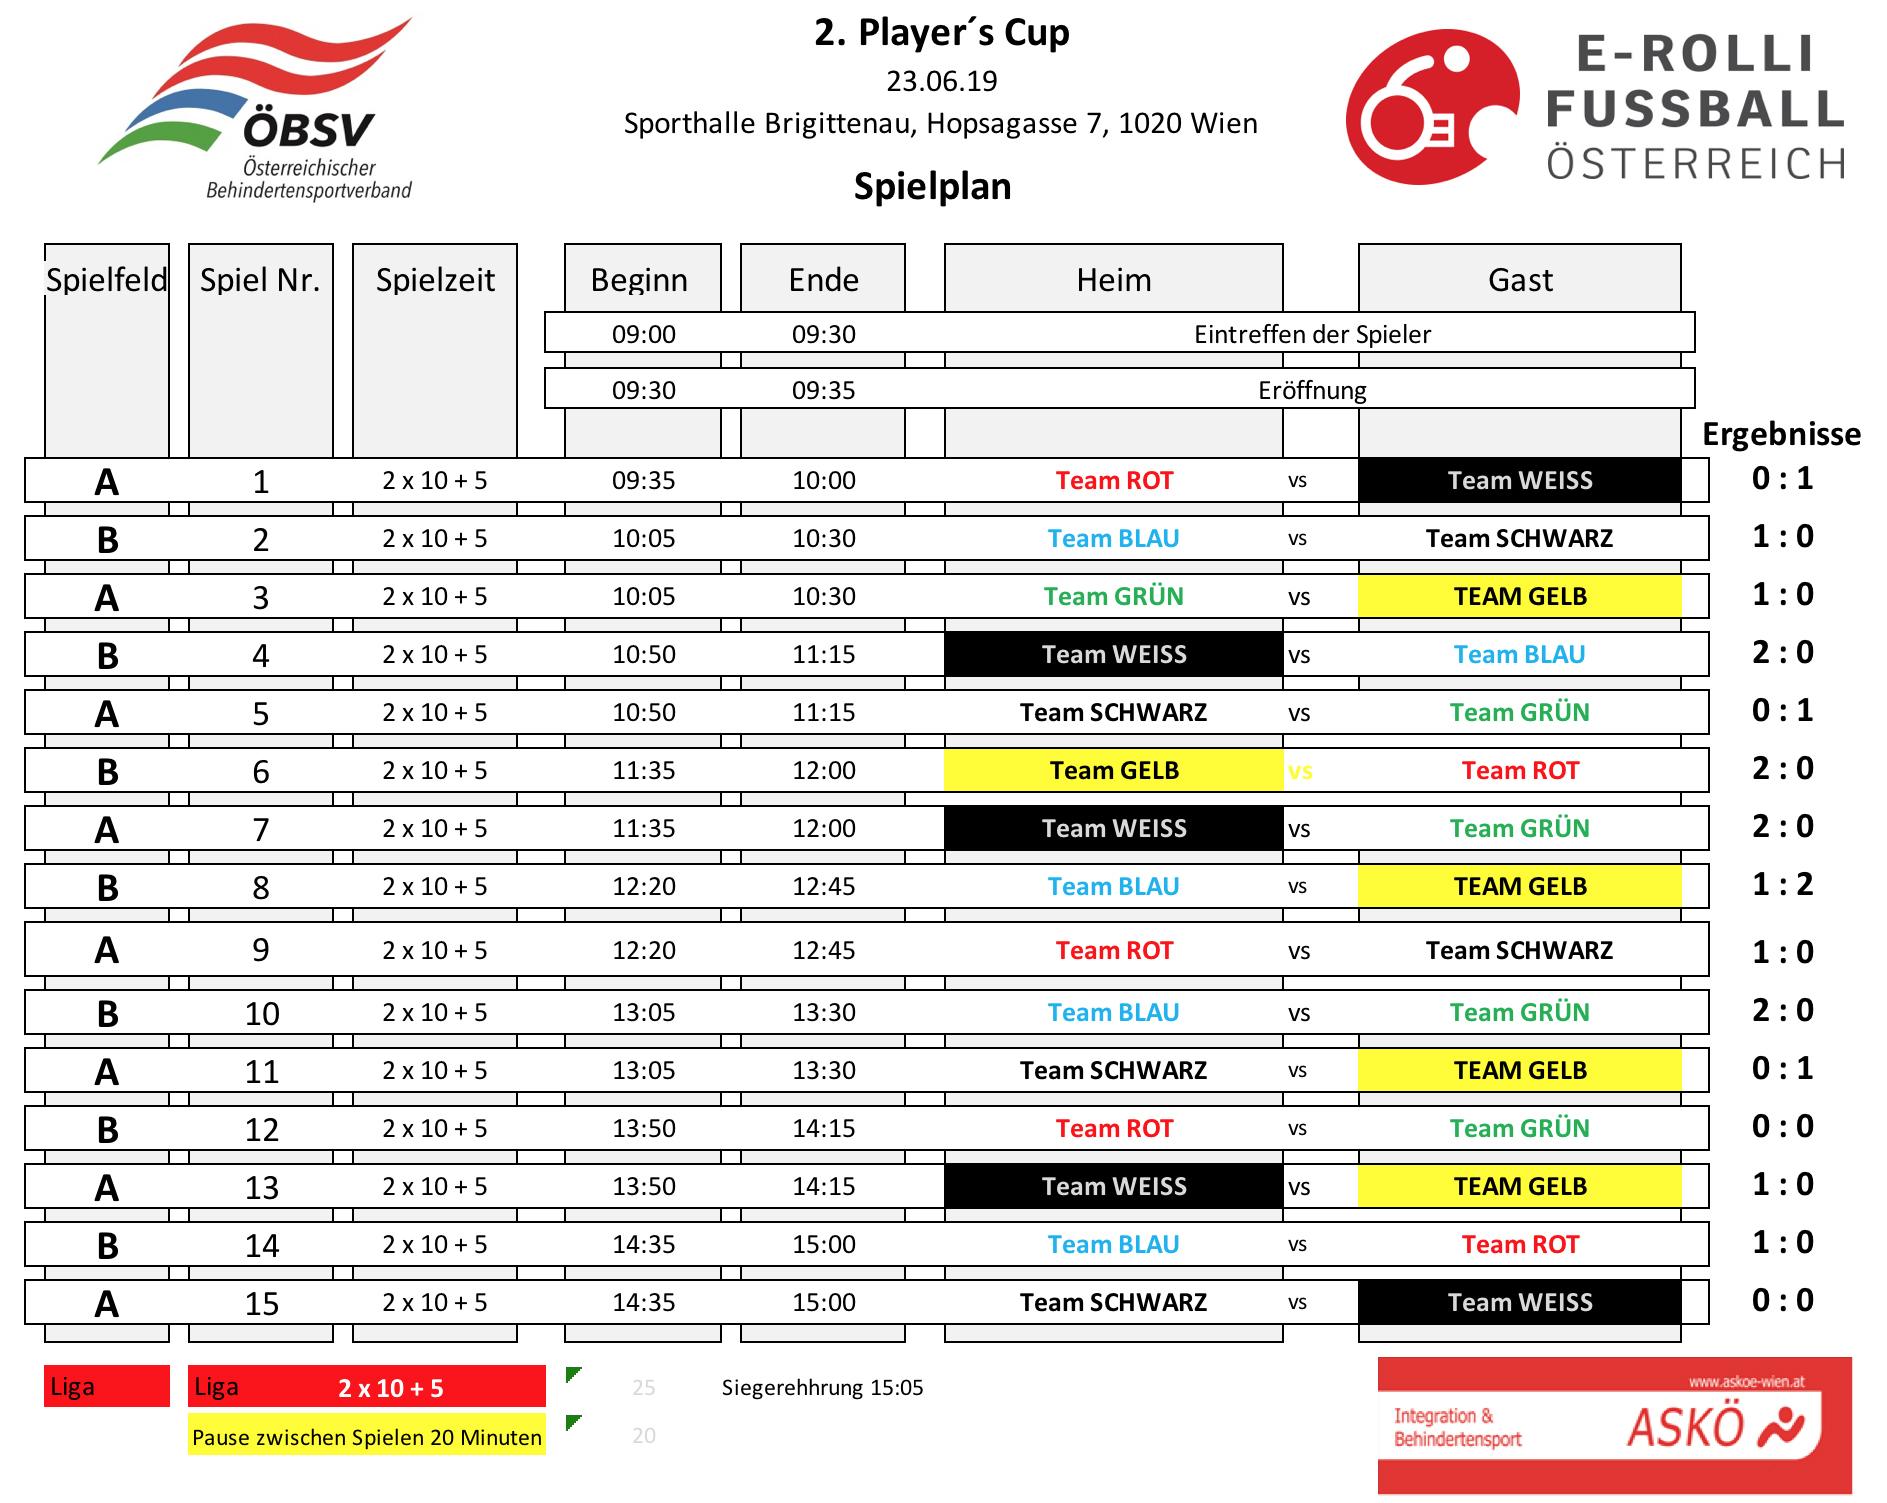 Spielplan und Ergebnisse des 2. Player's CUP vom 23. Juni 2019